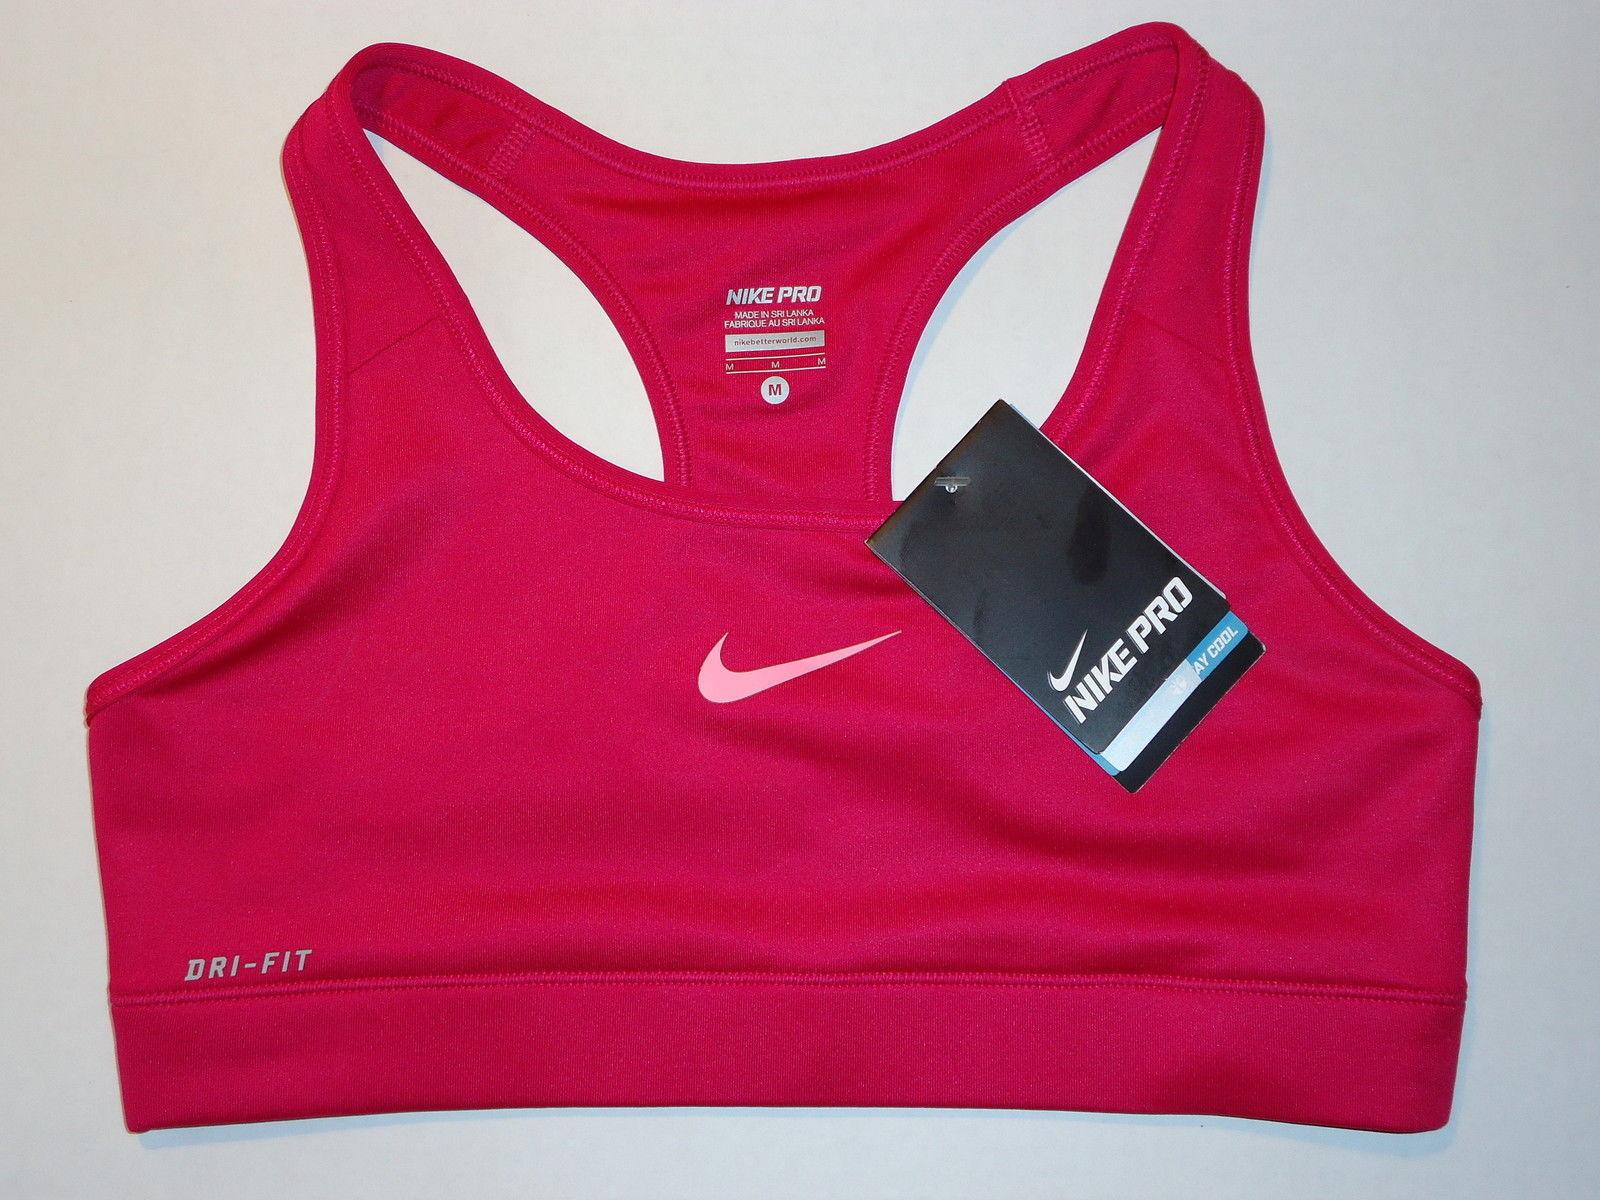 new product de419 c79a9 t2ec16z e9s2fdo8vbrd5 2n7gg 60 57. t2ec16z e9s2fdo8vbrd5 2n7gg 60 57. NEW! Rave  Pink-Pink  XS  NIKE Women s Pro Compression DRI-FIT